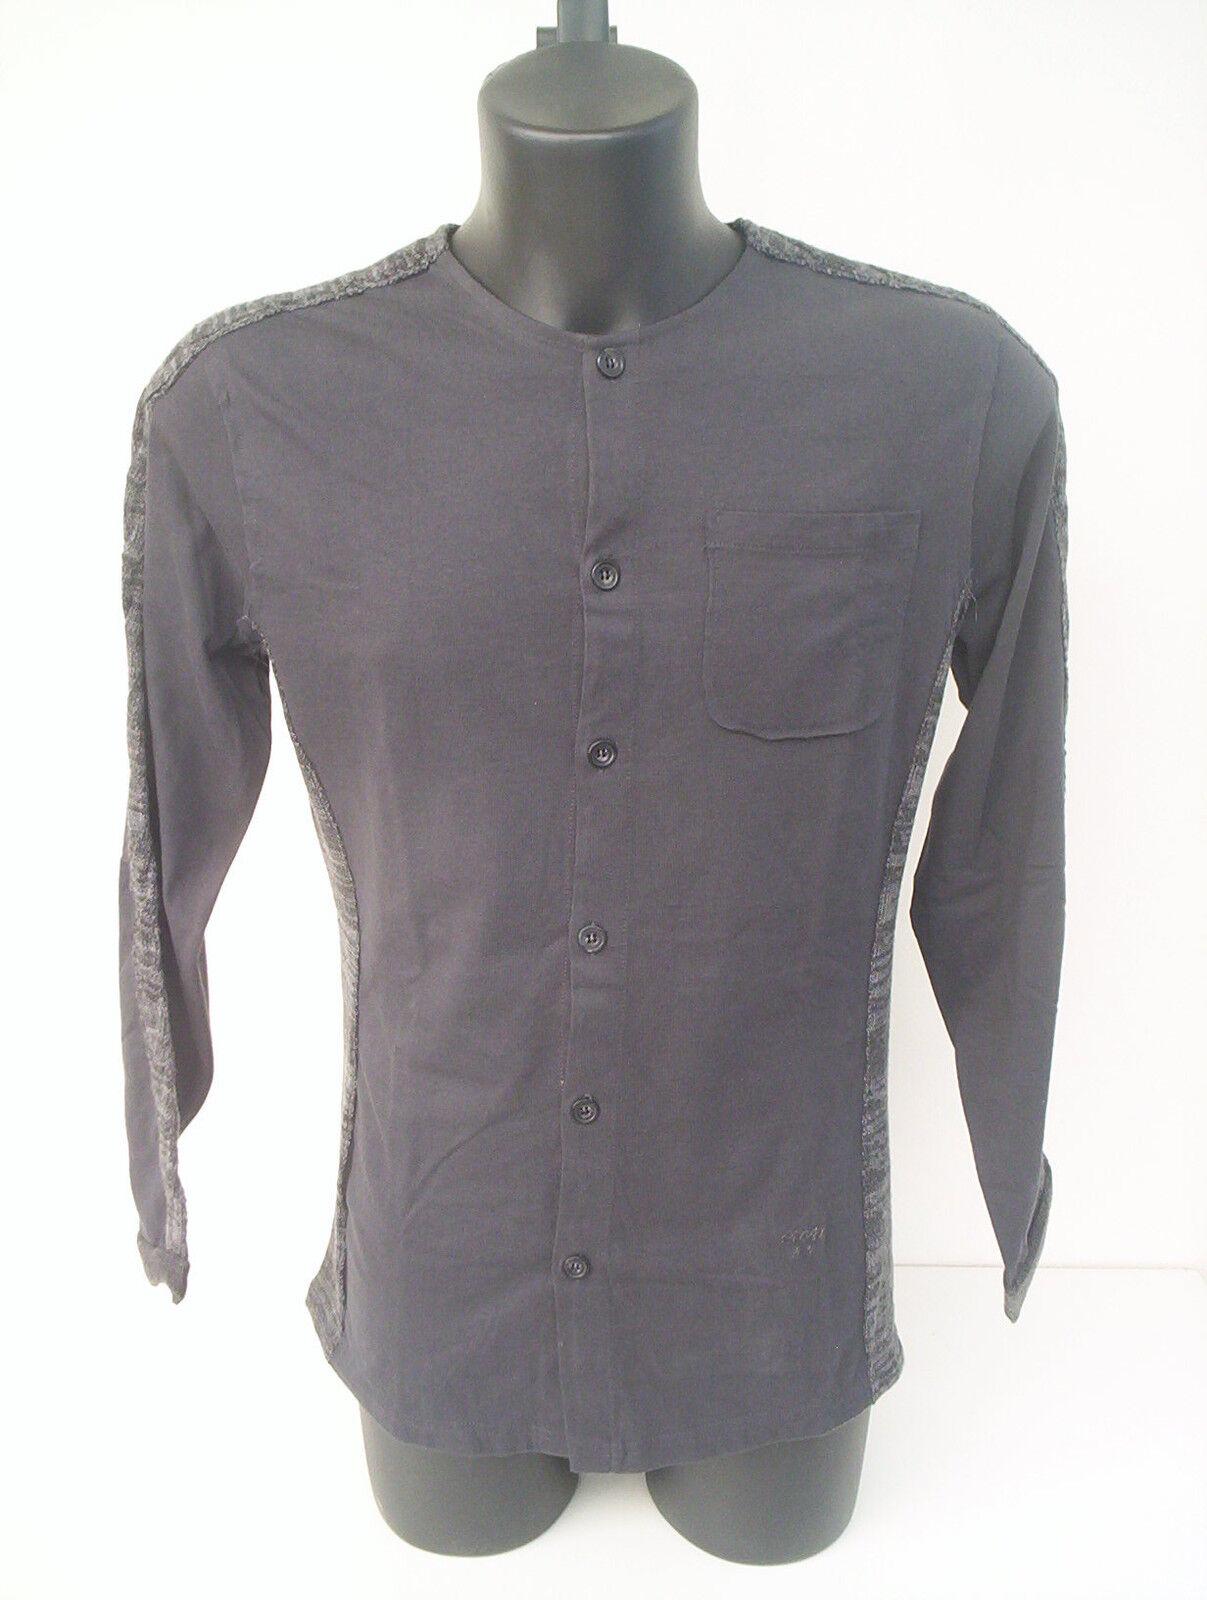 Cardigan Roberto Cavalli,colore grigia con inserti in lana, tg 46